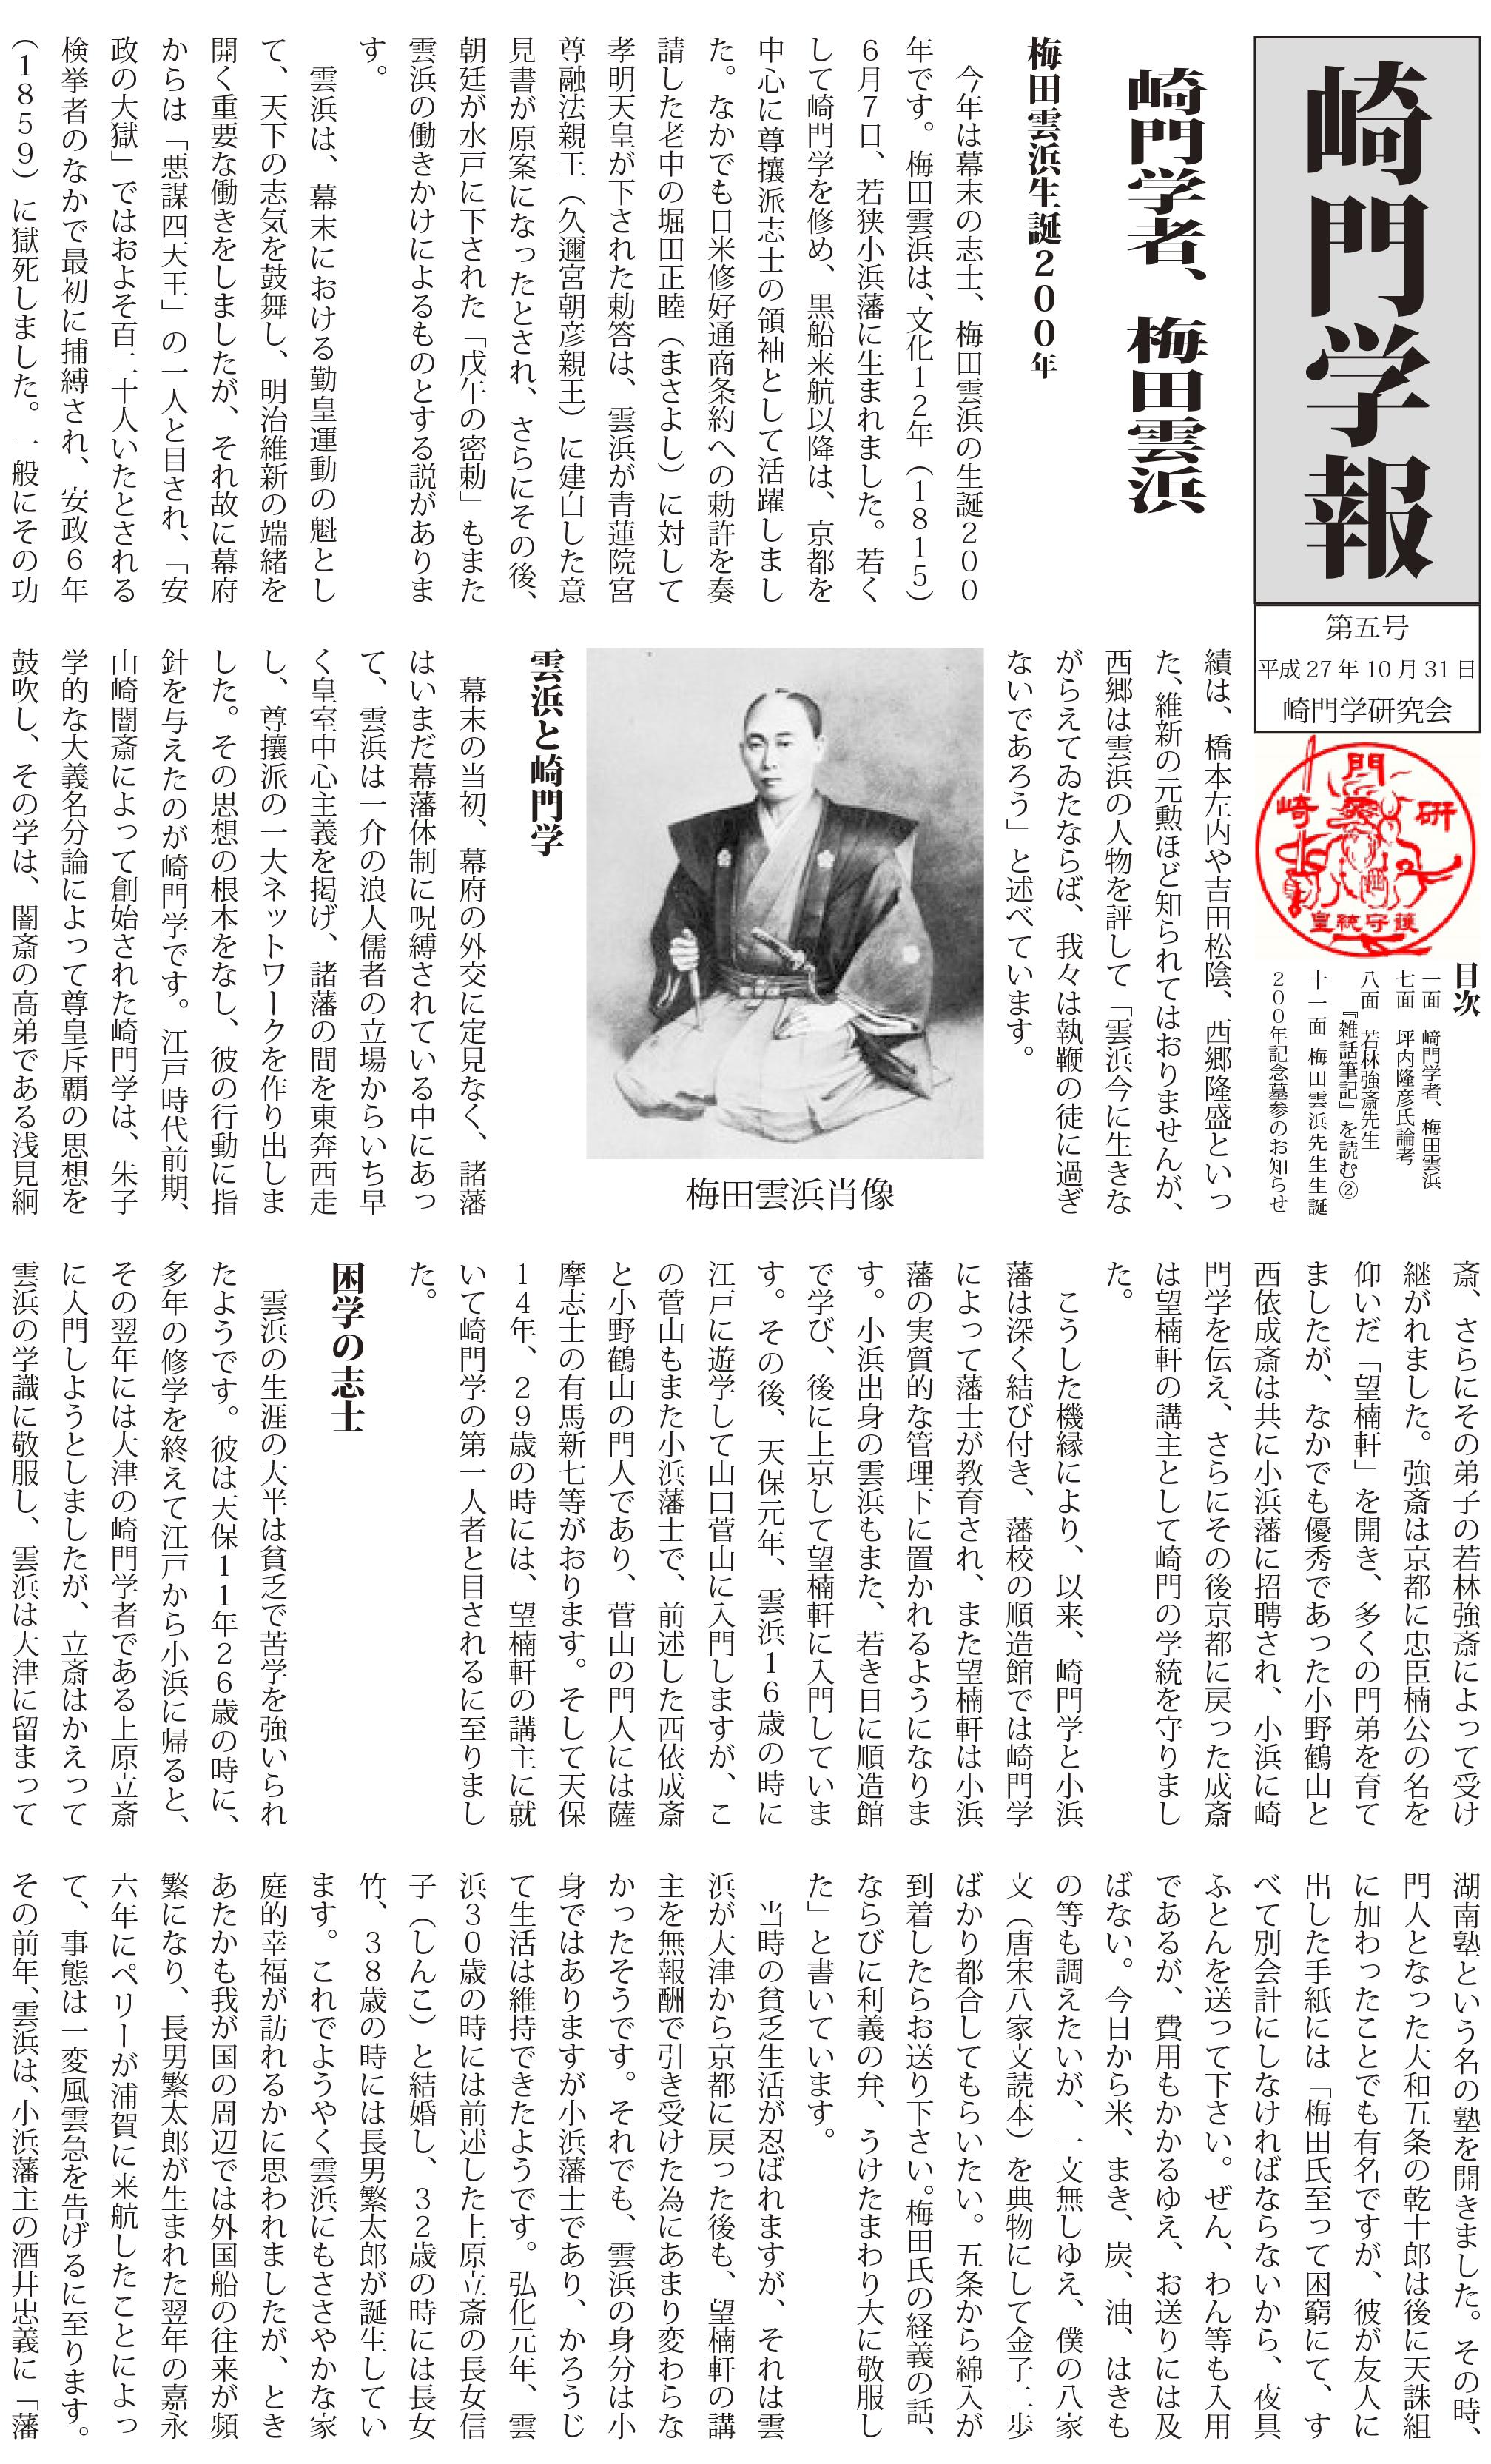 『崎門学報』第5号・ダウンロード販売